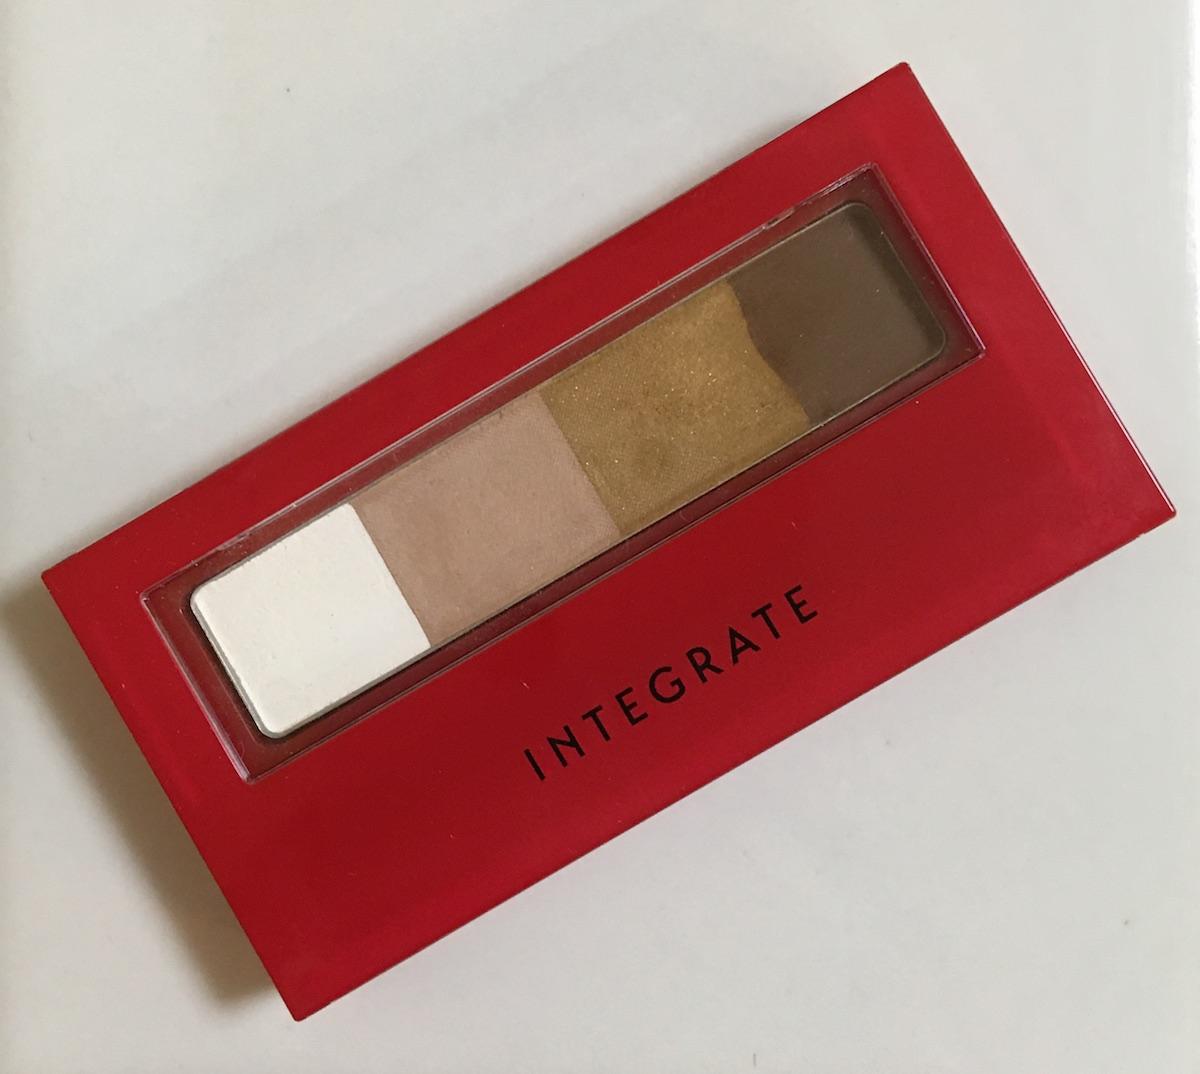 INTEGRATE(インテグレート) ビューティートリックアイブローの良い点・メリットに関するtakaさんの口コミ画像1